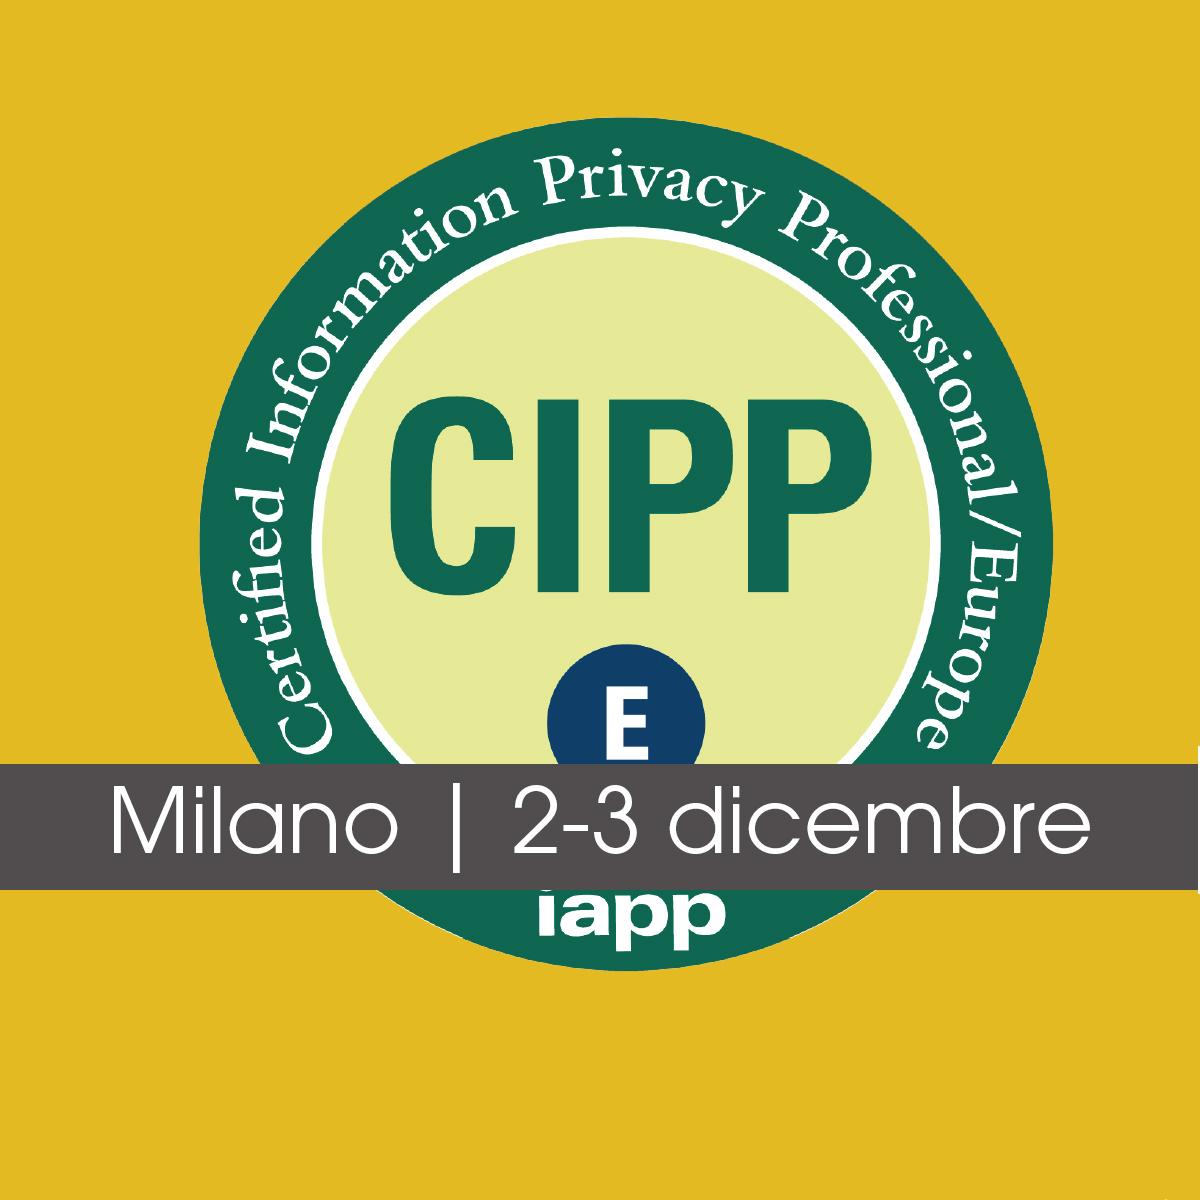 2-3 dicembre, Milano: nuovo corso Certified Information Privacy Professional/Europe (CIPP/E)